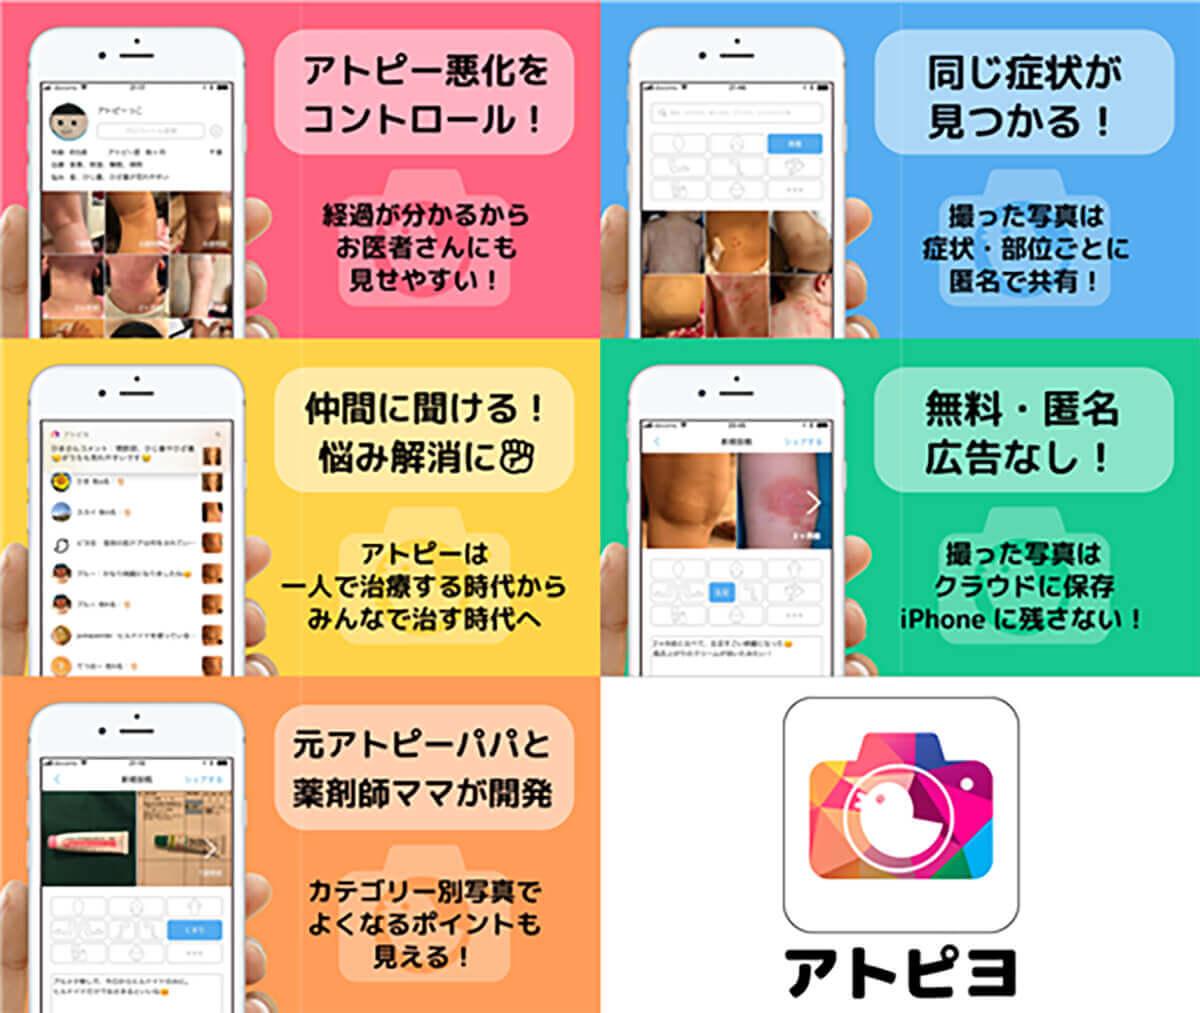 アトピヨバーチャルEXPO2018ピックアップアイテム・サービス1画像